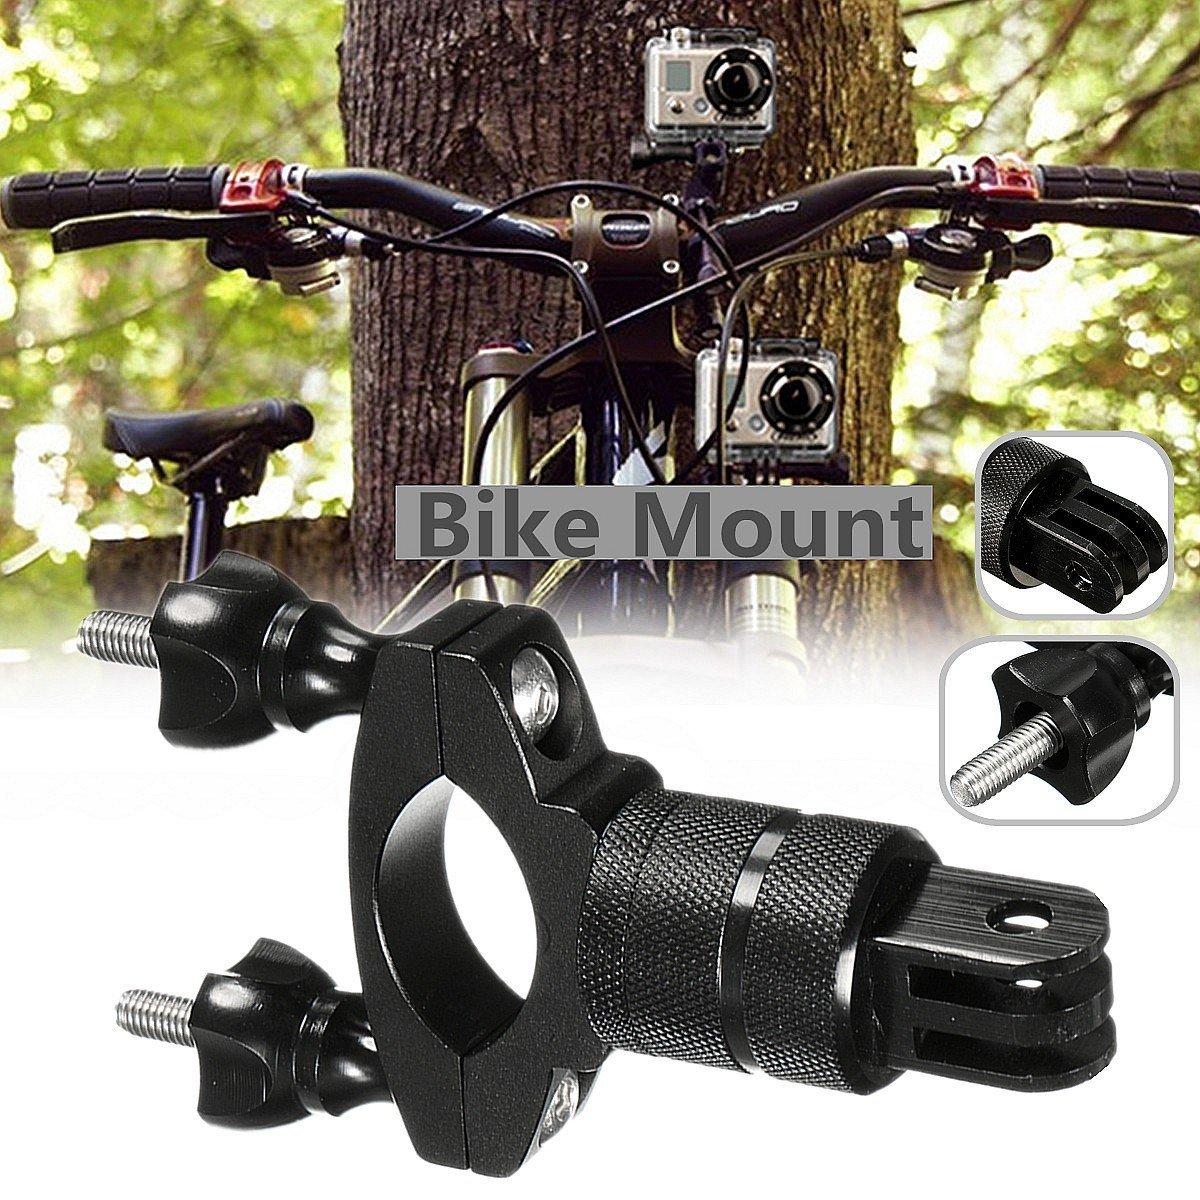 M.Way Bike Motorcycle Handlebar Mount Camera Mount Kit Seatpost Mount Pivot Arm For Gopro Camera